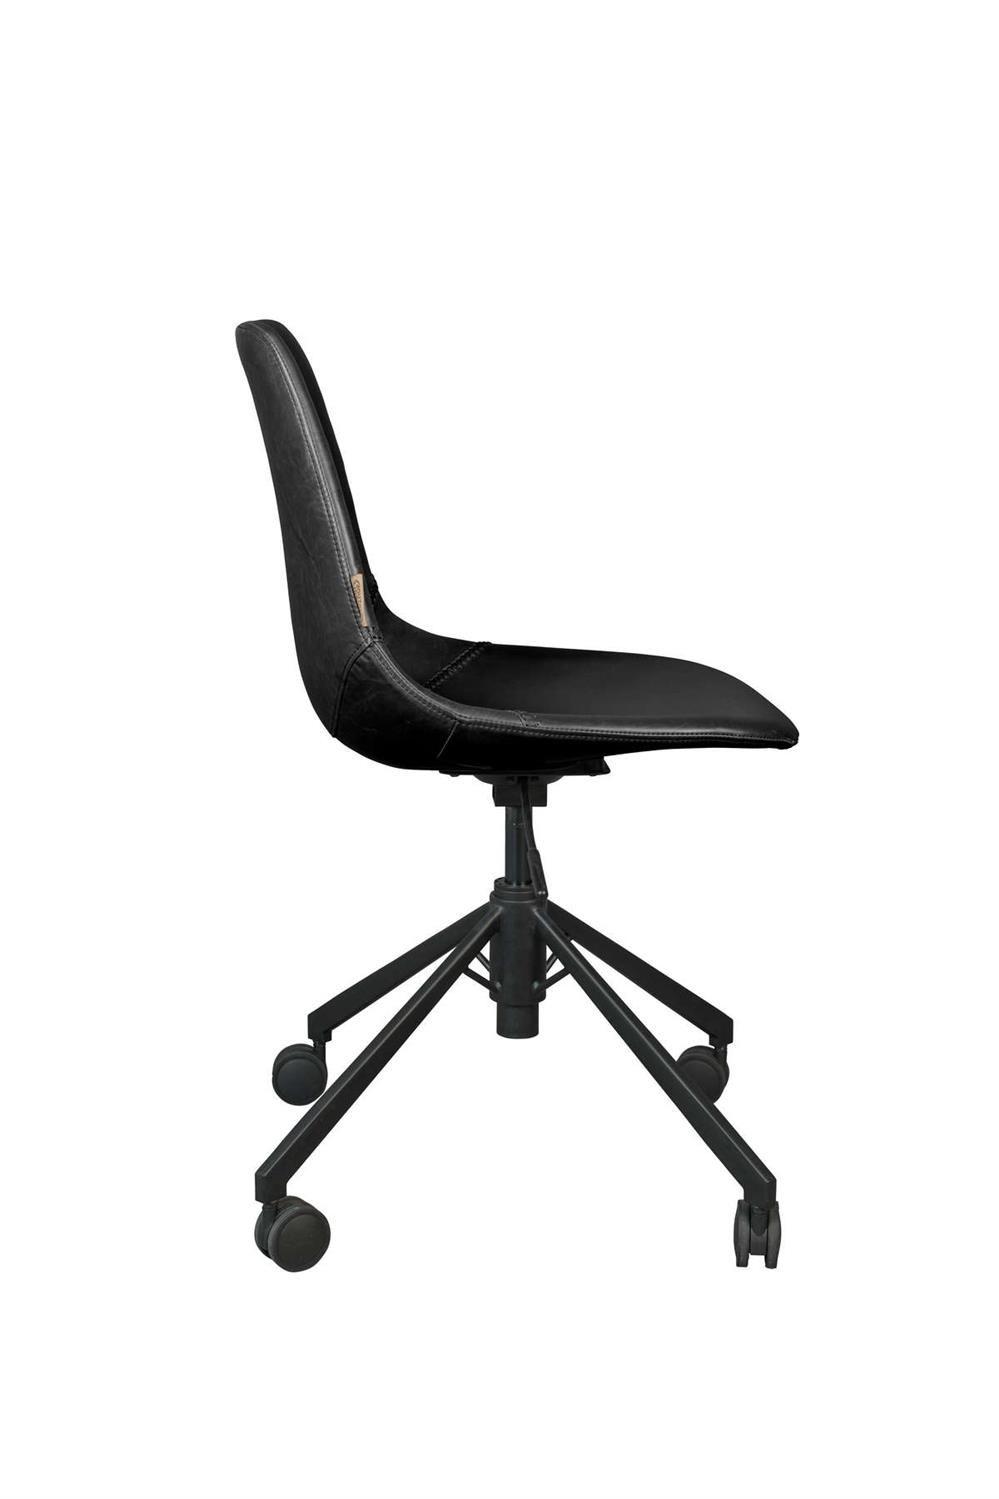 Plakat czarny krzesło biurowe na białym tle na wymiar